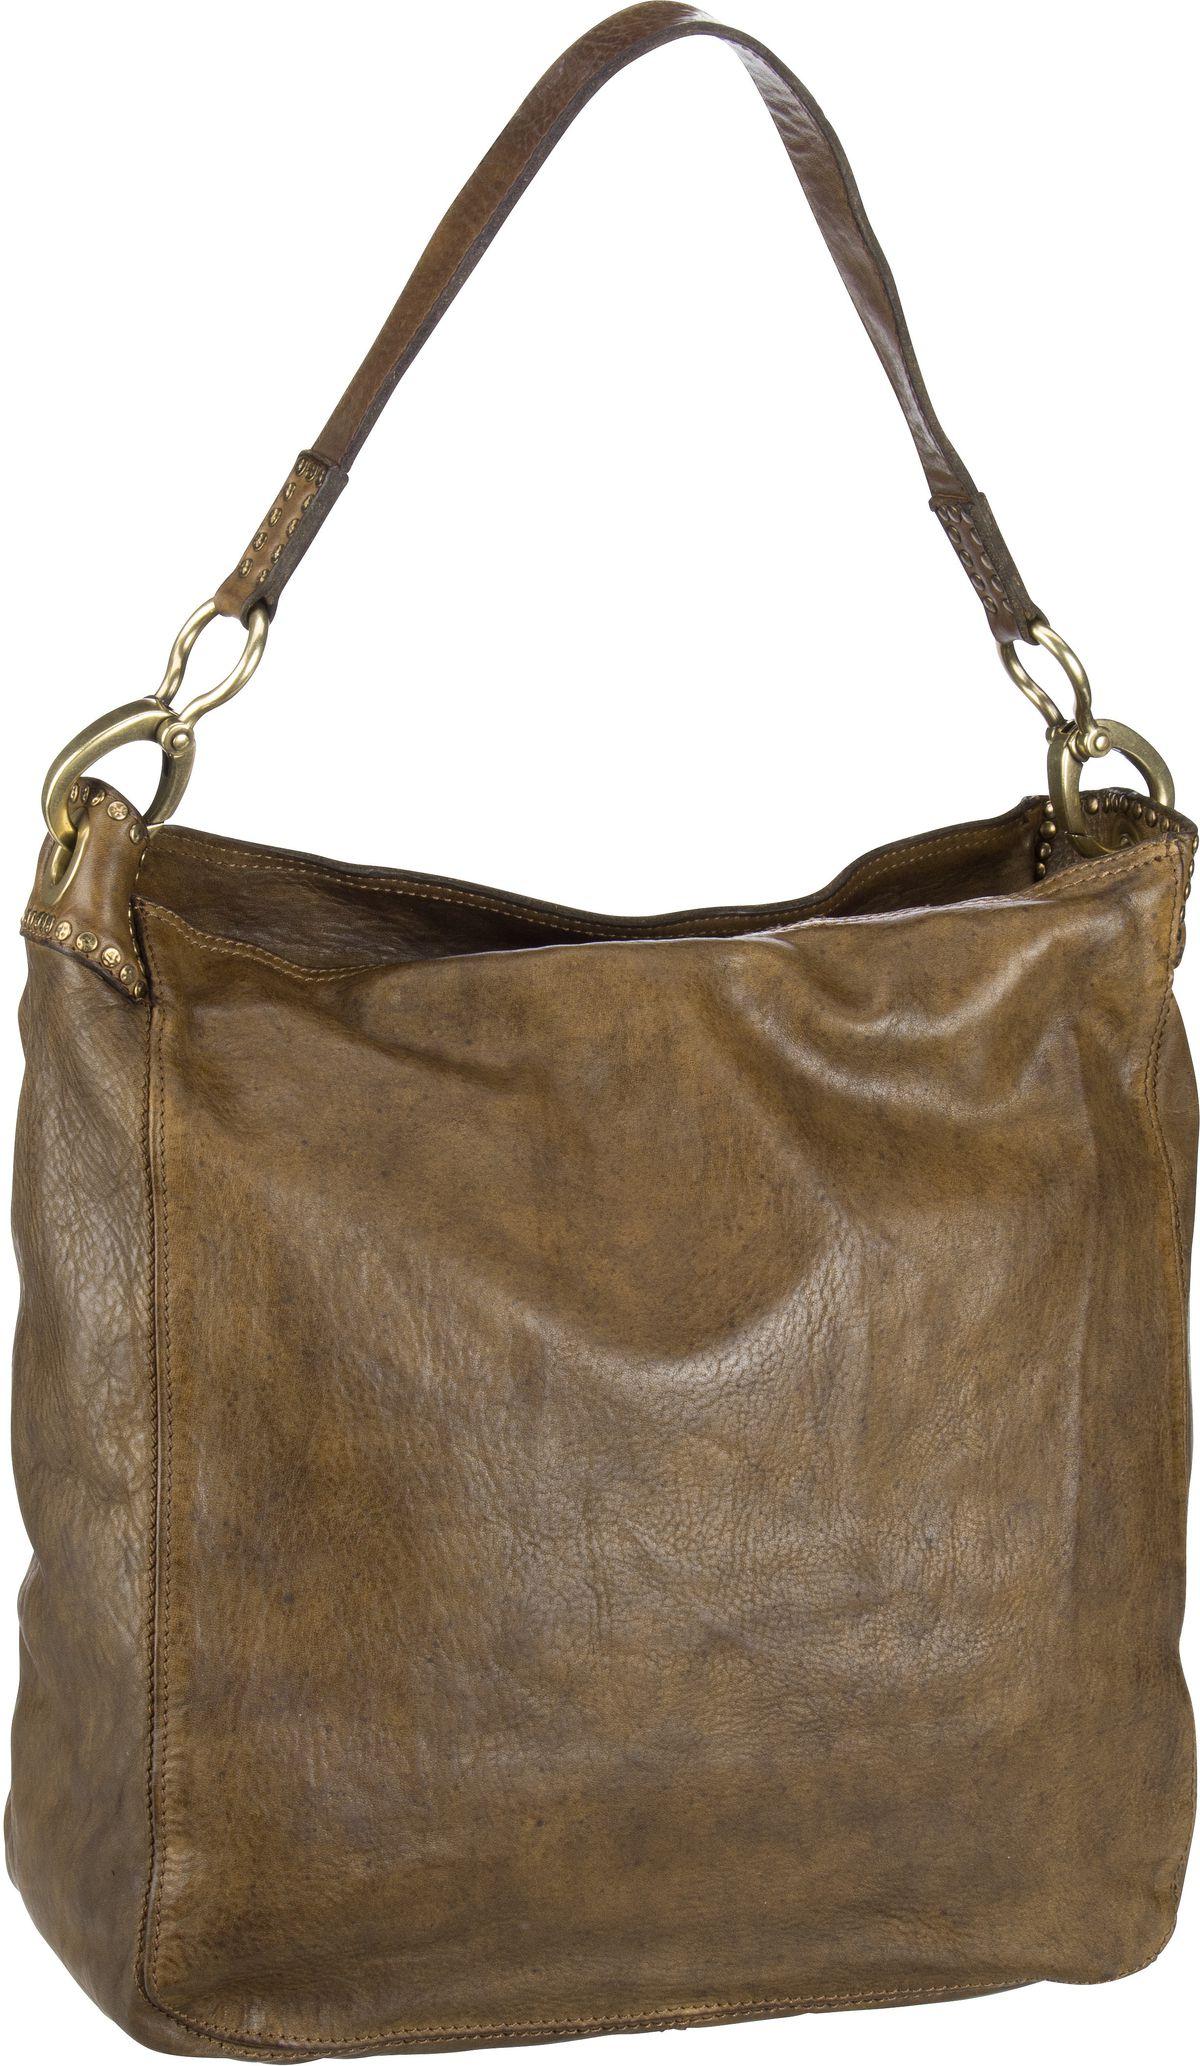 Handtasche Penelope C2261 Verde Militare